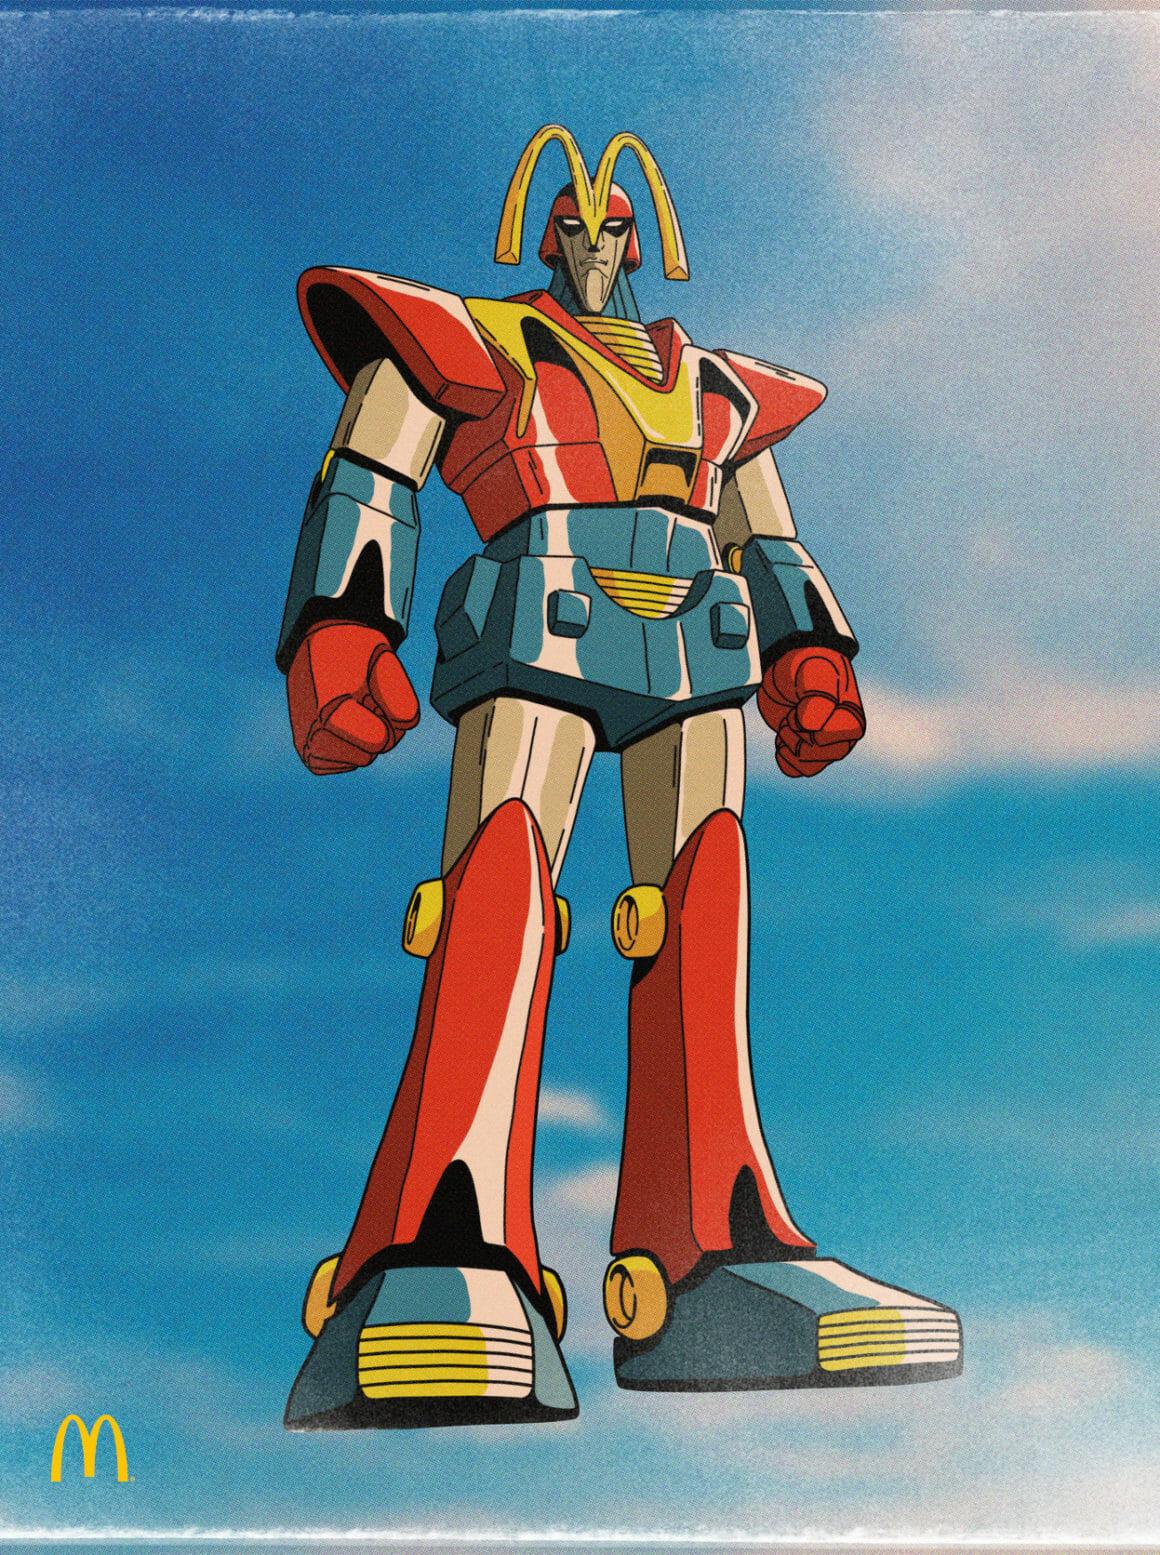 Illustration d'un robot à l'effigie de Mac Donalds qui flotte dans le ciel